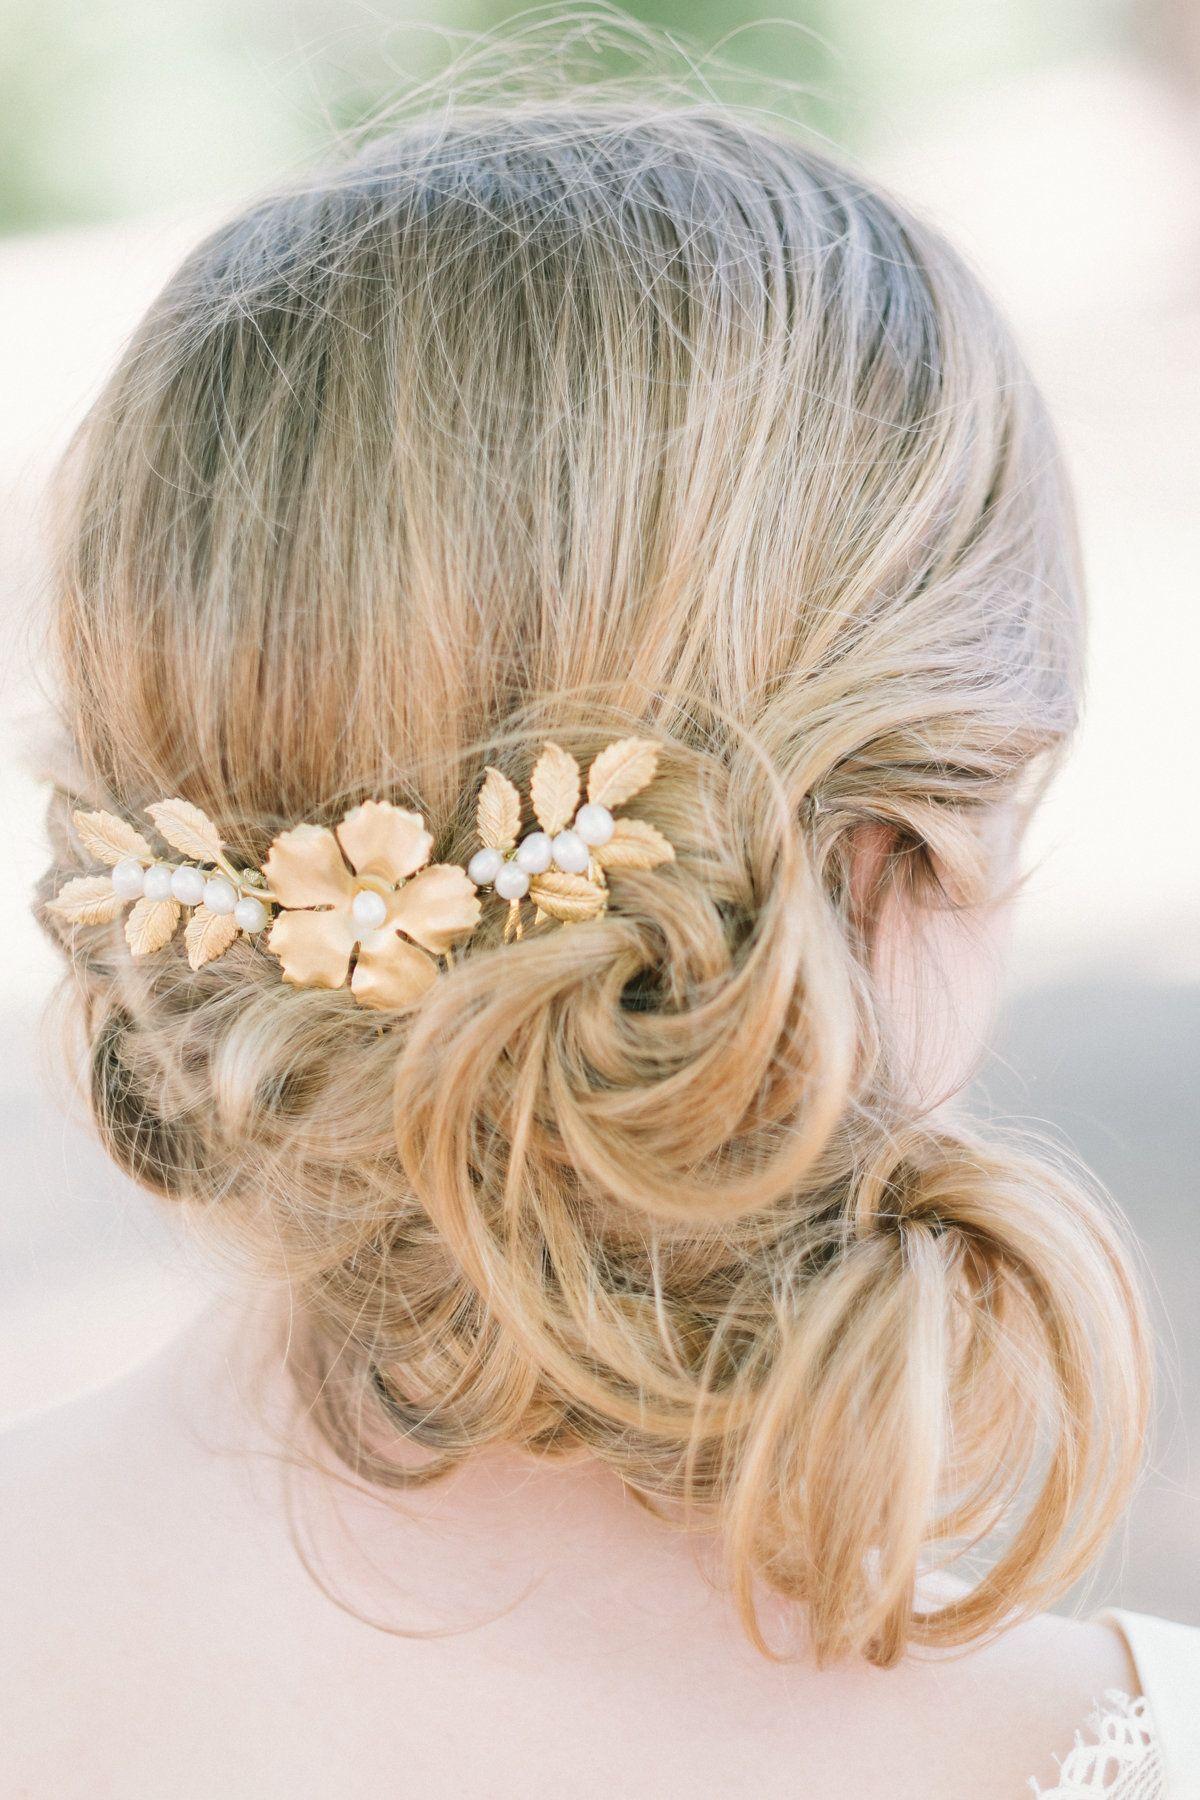 Ces jolis peignes garnis de motifs en laiton tels que feuilles et fleur se portent en trio dans la coiffure, ils se positionnent comme vous le désirez, rapprochés ou plus espacés. Ils apporteront u...